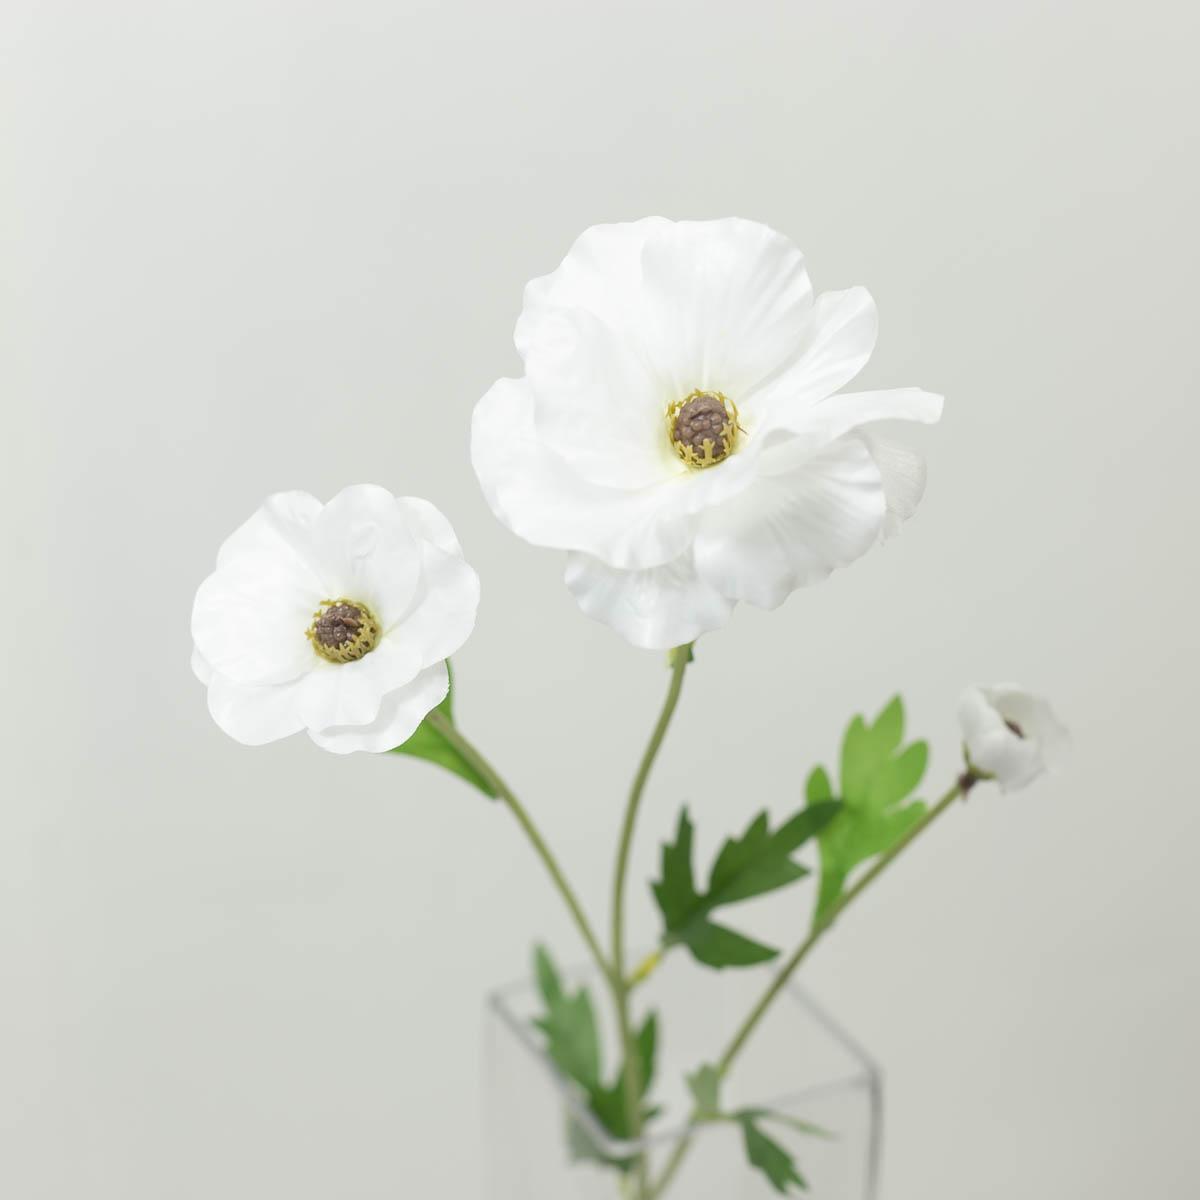 버터플라이 라넌큘러스 꽃 가지 60cm 크림